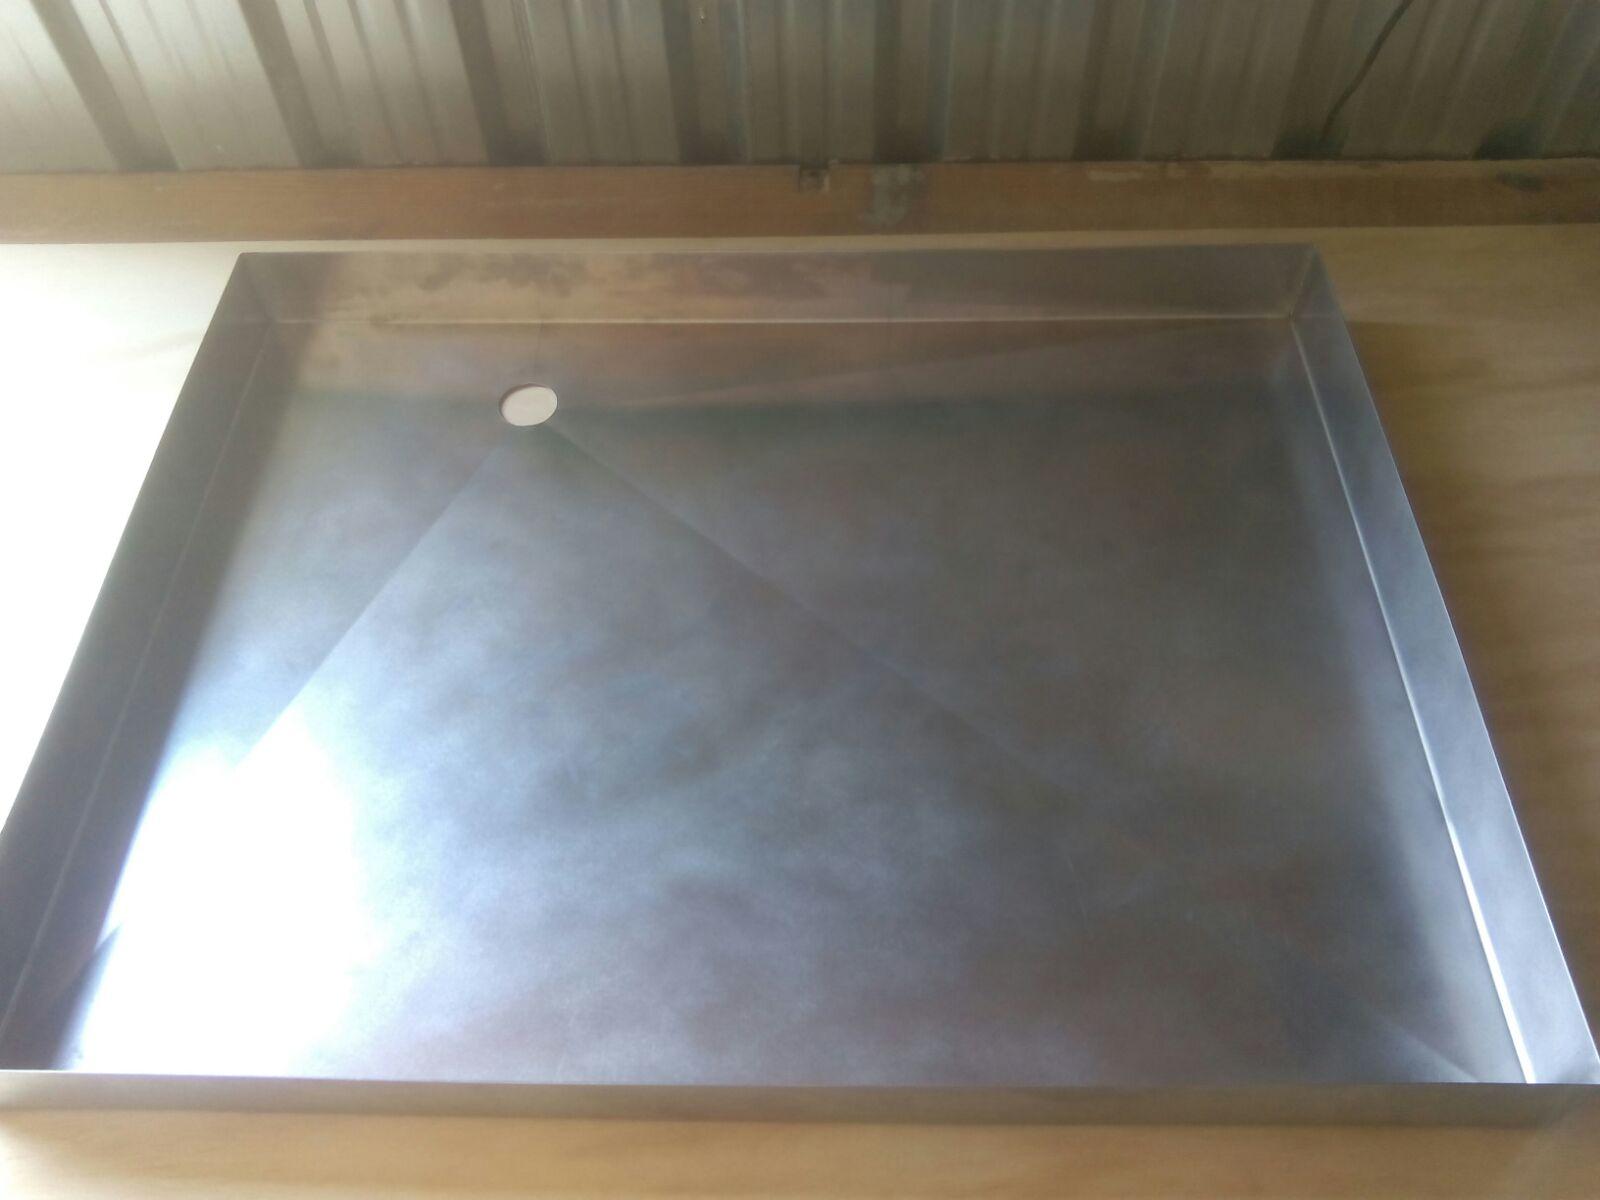 Restauracaravan plato ducha de acero inoxidable a medida for Accesorios plato ducha